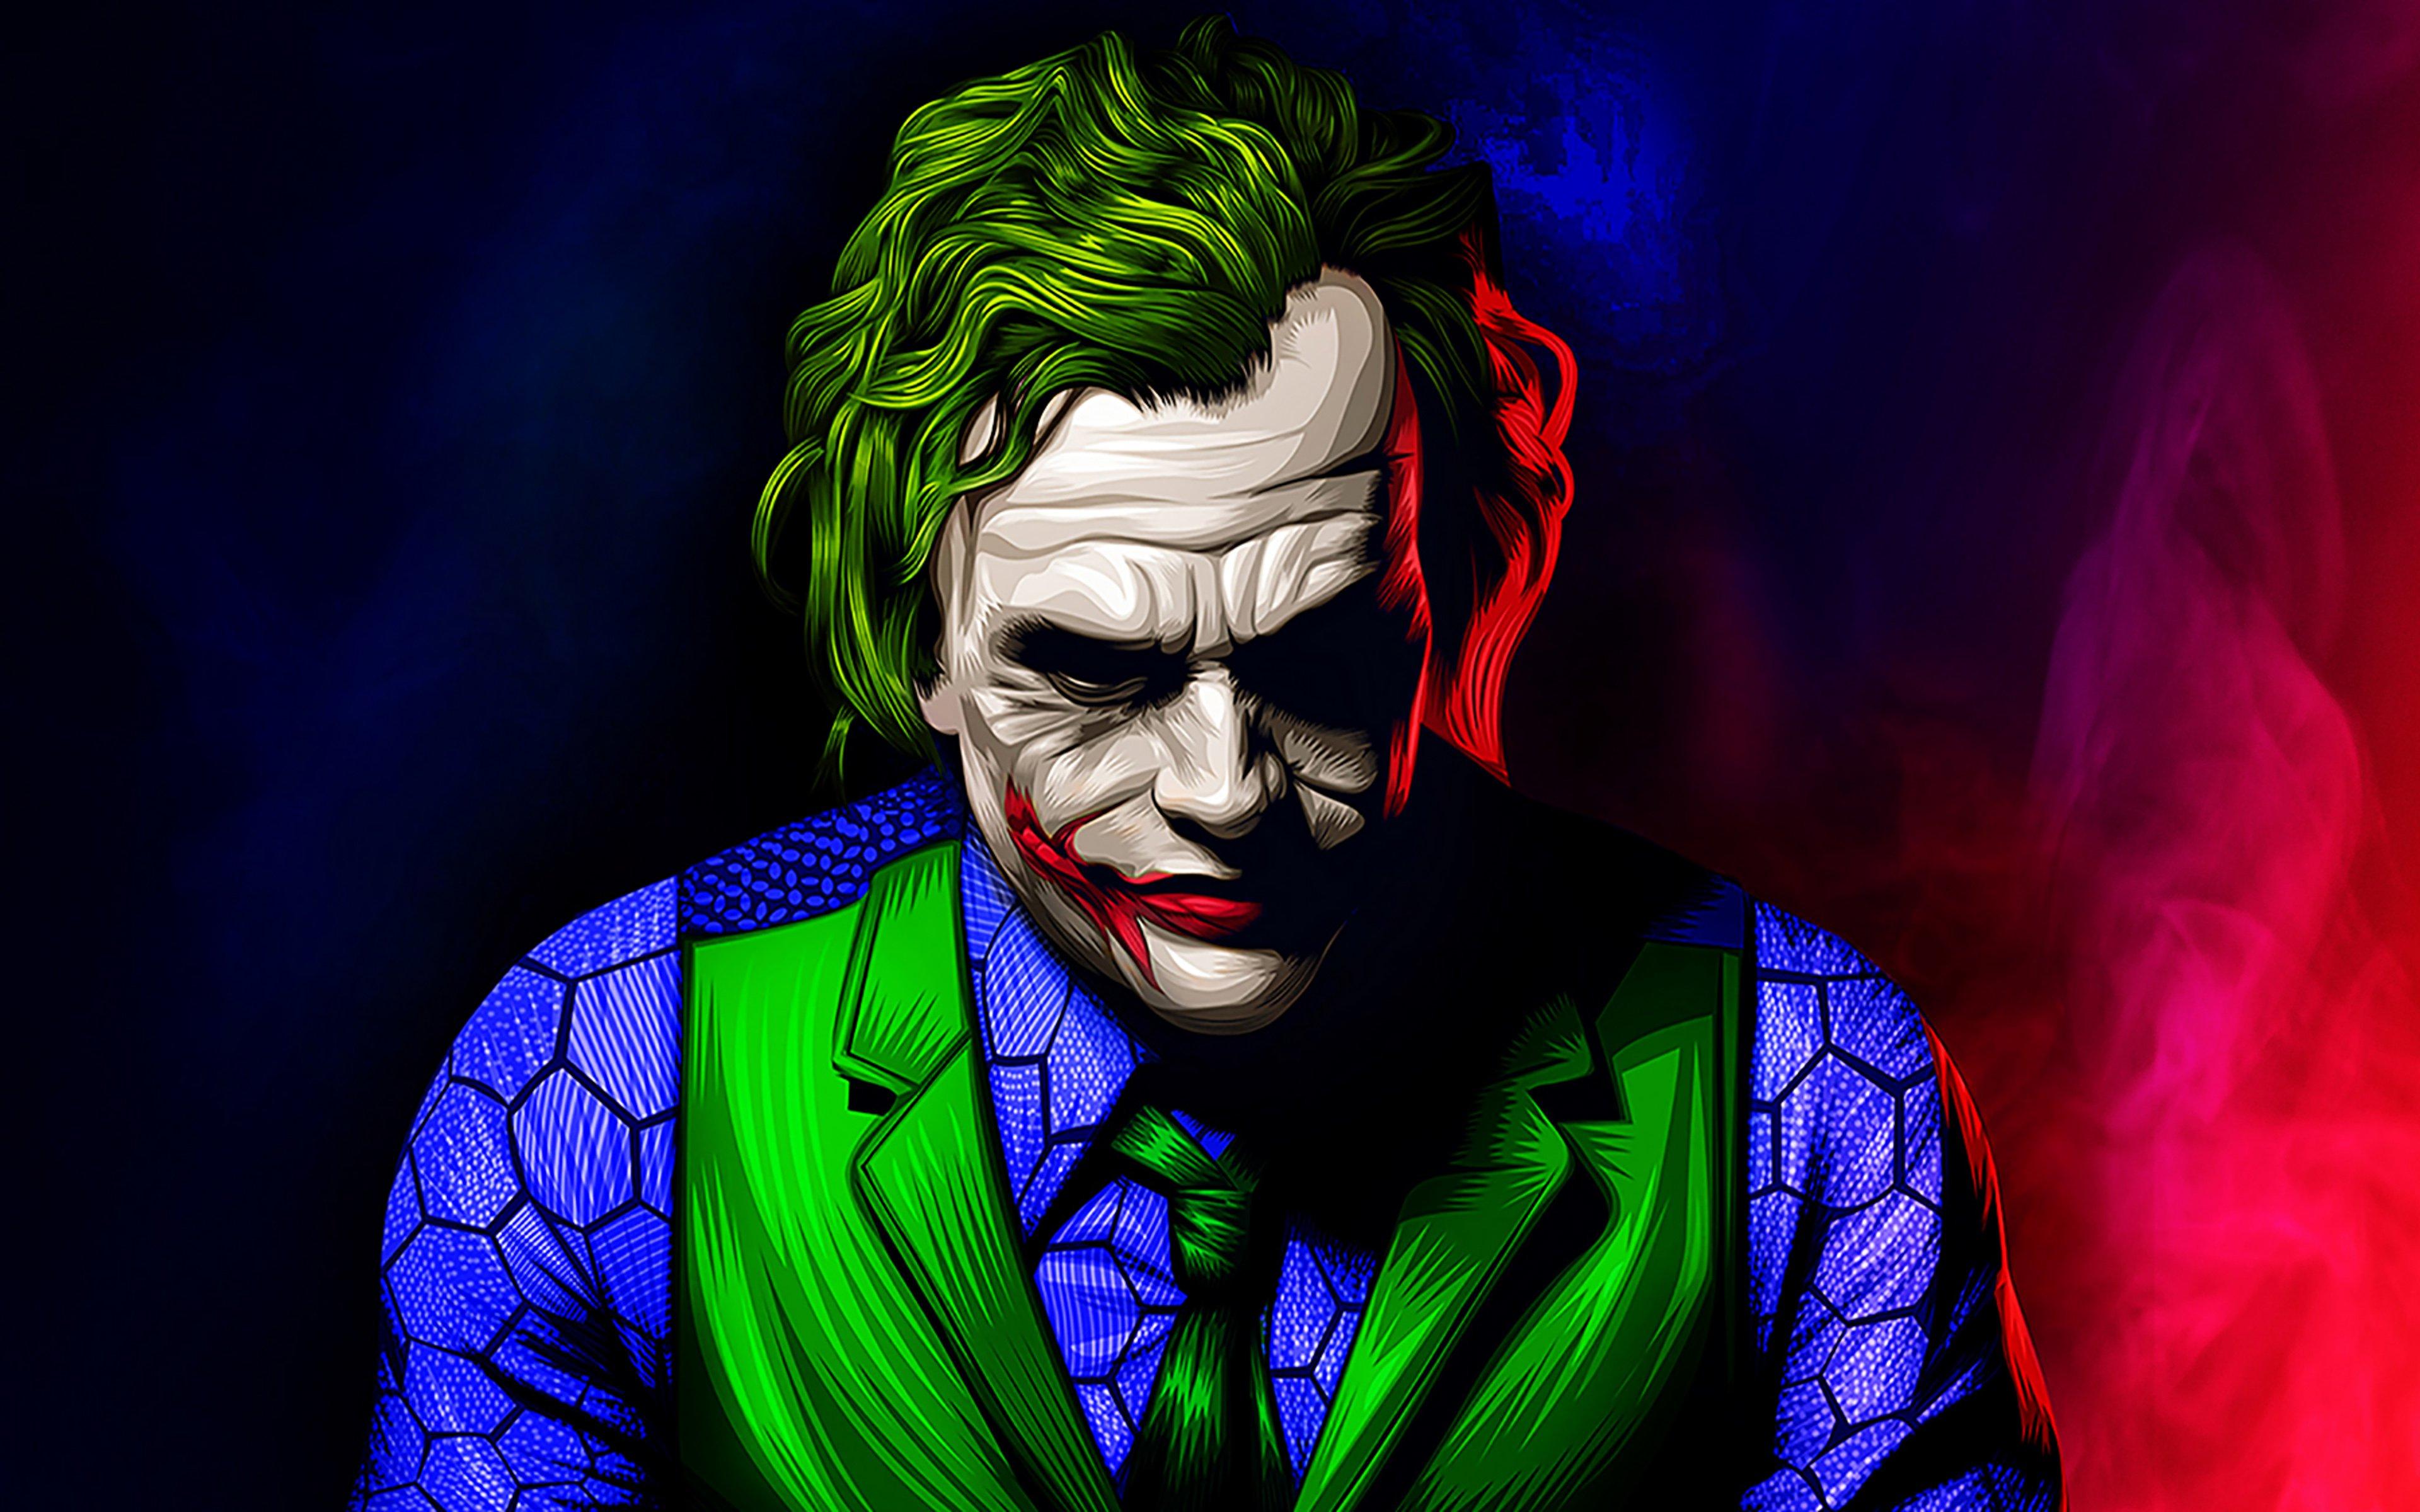 Joker Artwork Illustration Wallpaper 4k Ultra Hd Id3810